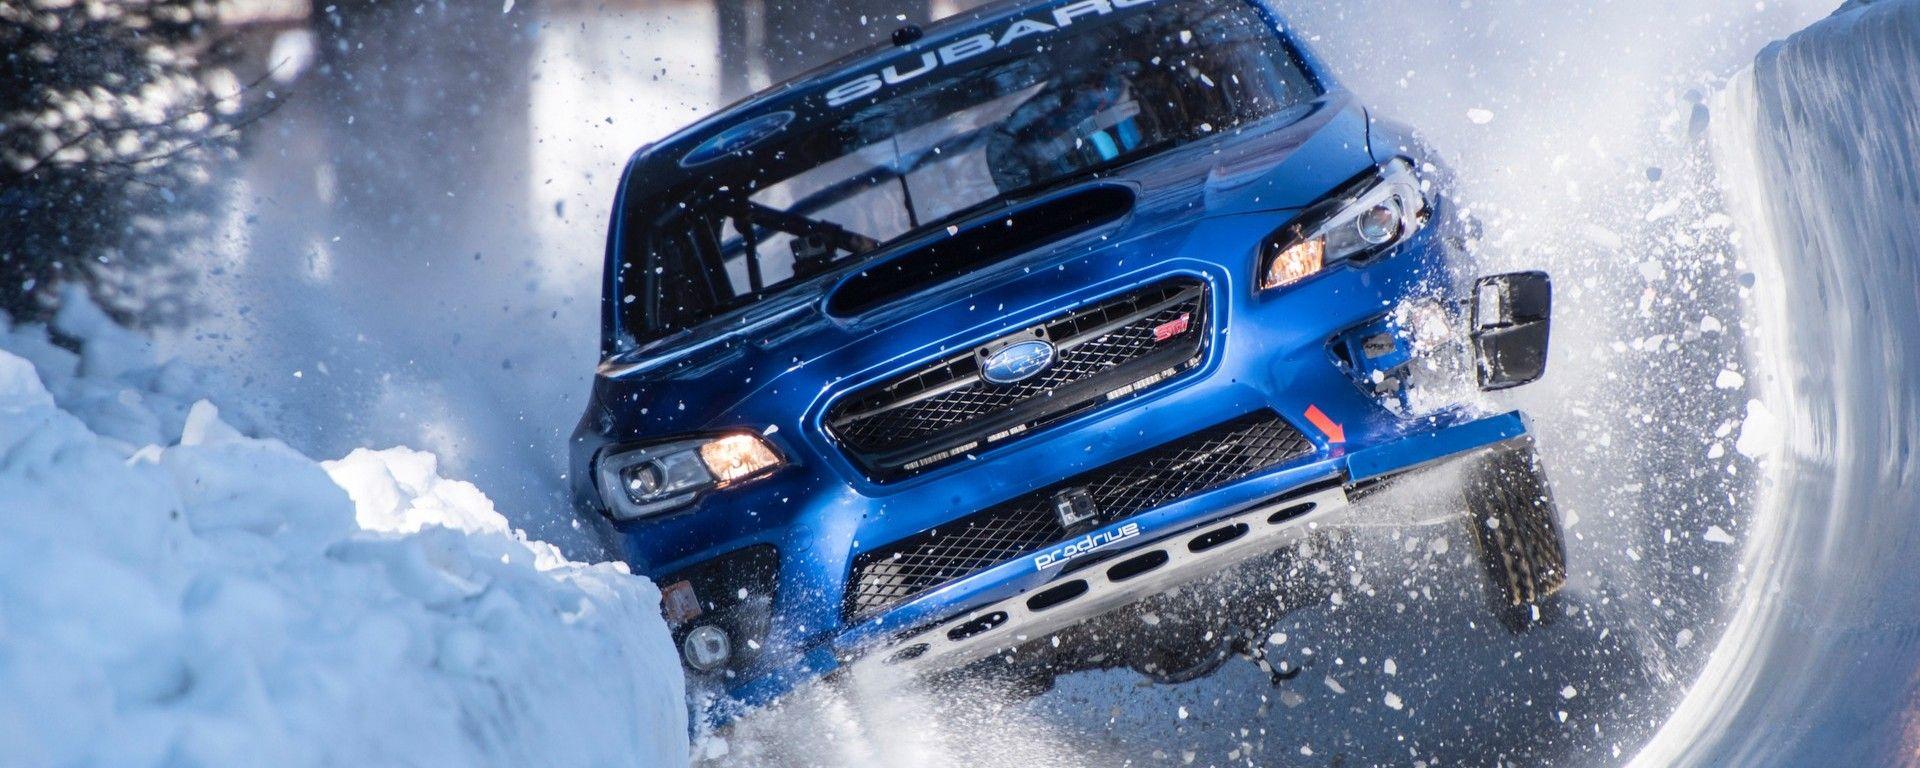 Subaru Impreza WRX STI: sulla pista di bob di St. Moritz